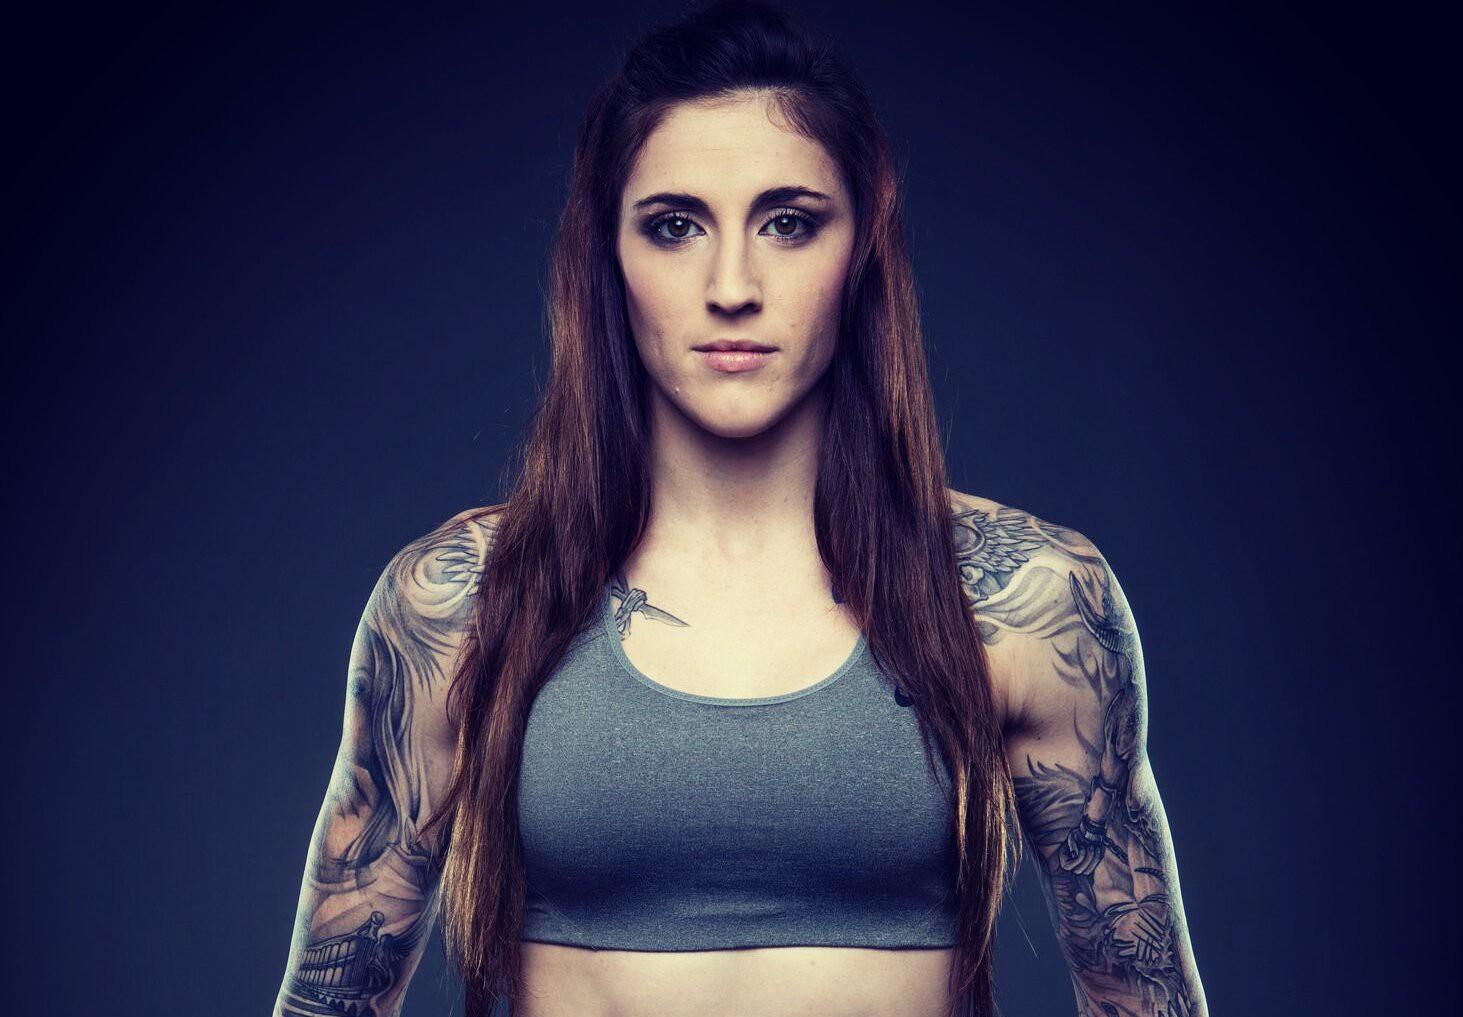 Lên sàn đấu, nữ võ sĩ xinh đẹp bậc nhất thế giới hạ đối thủ theo một kịch bản không ai ngờ - Ảnh 2.